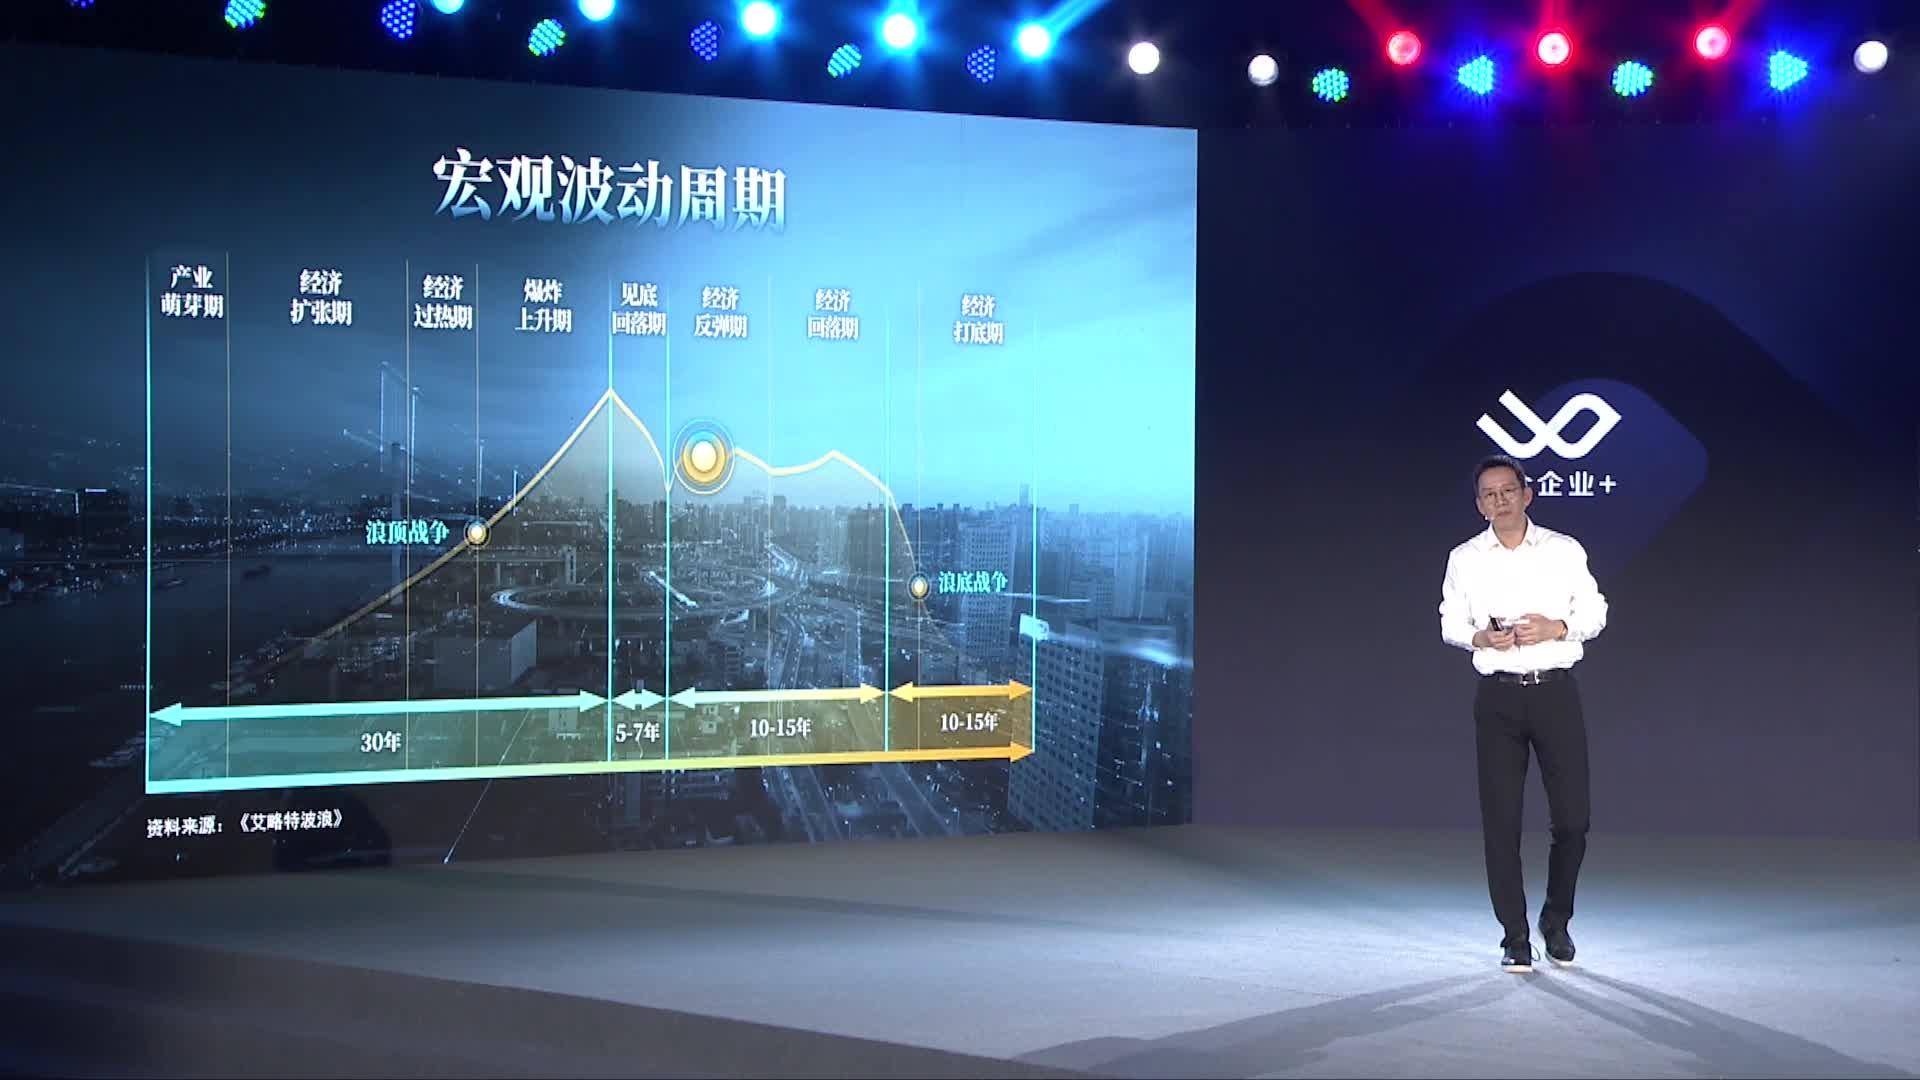 吴晓波:商业的本质就是一场幸存者的游戏